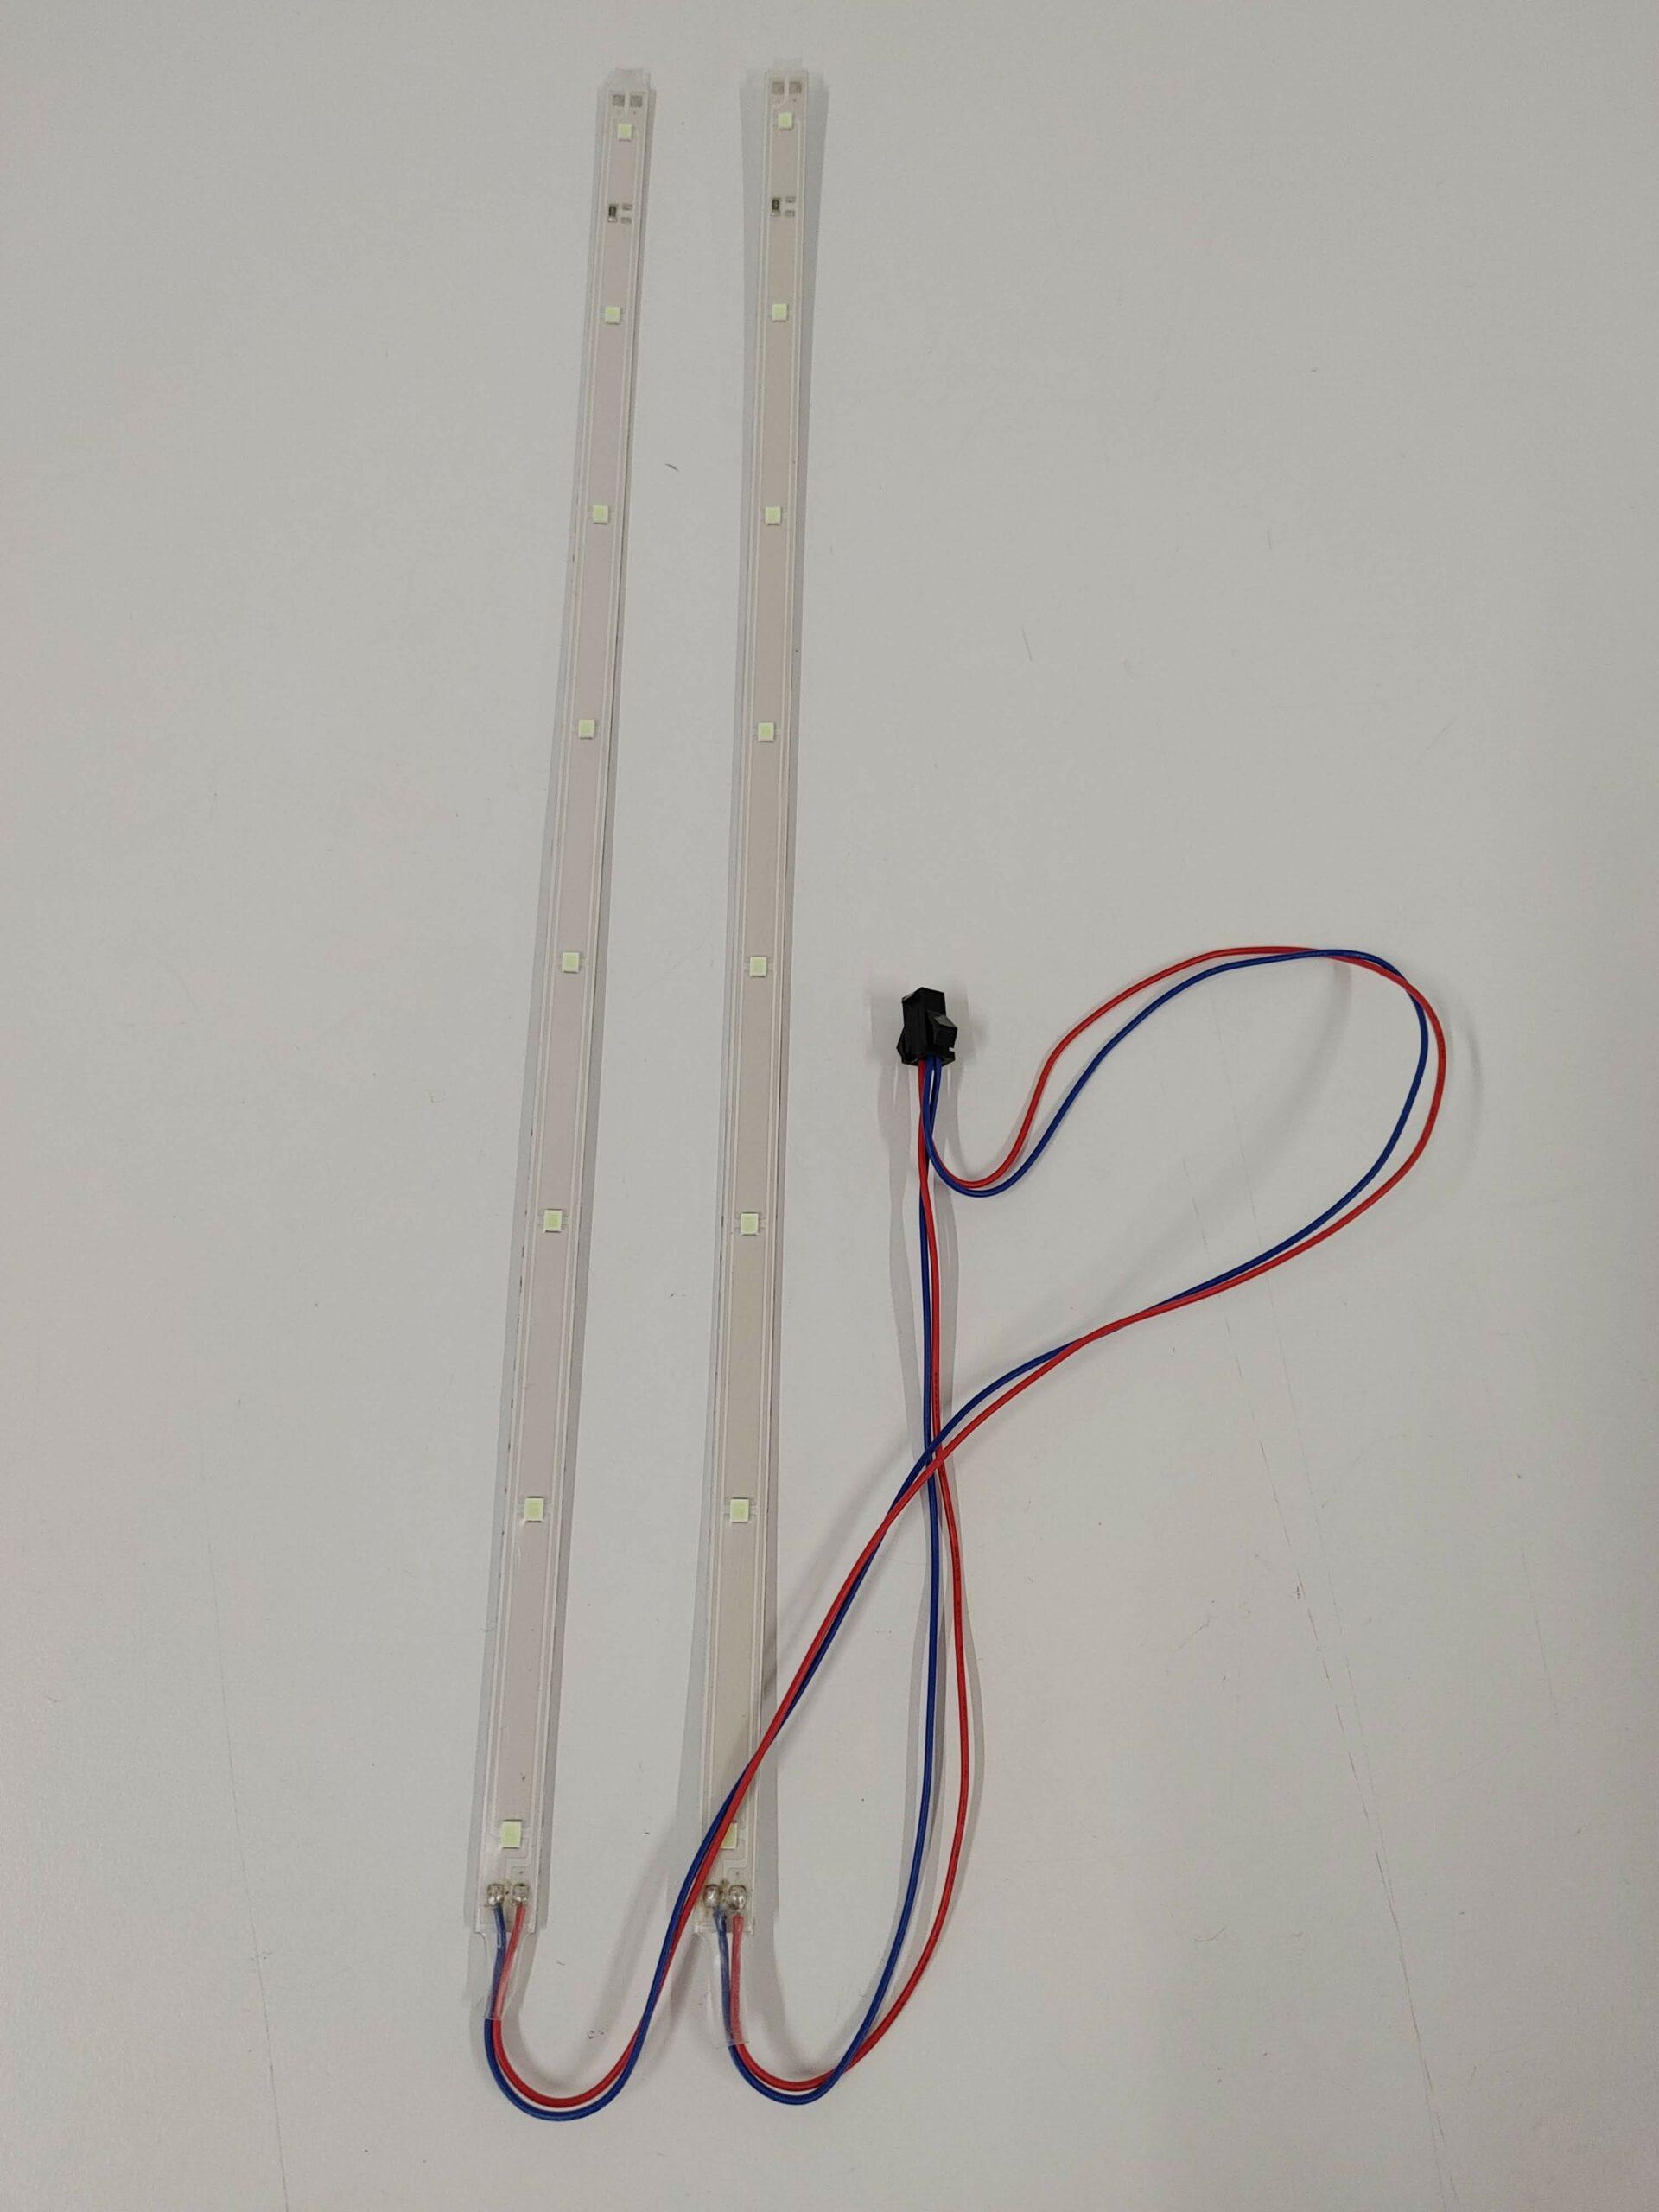 Ljós LED 48V v/h á standpall hliðar fyrir Mantis 10 Lite